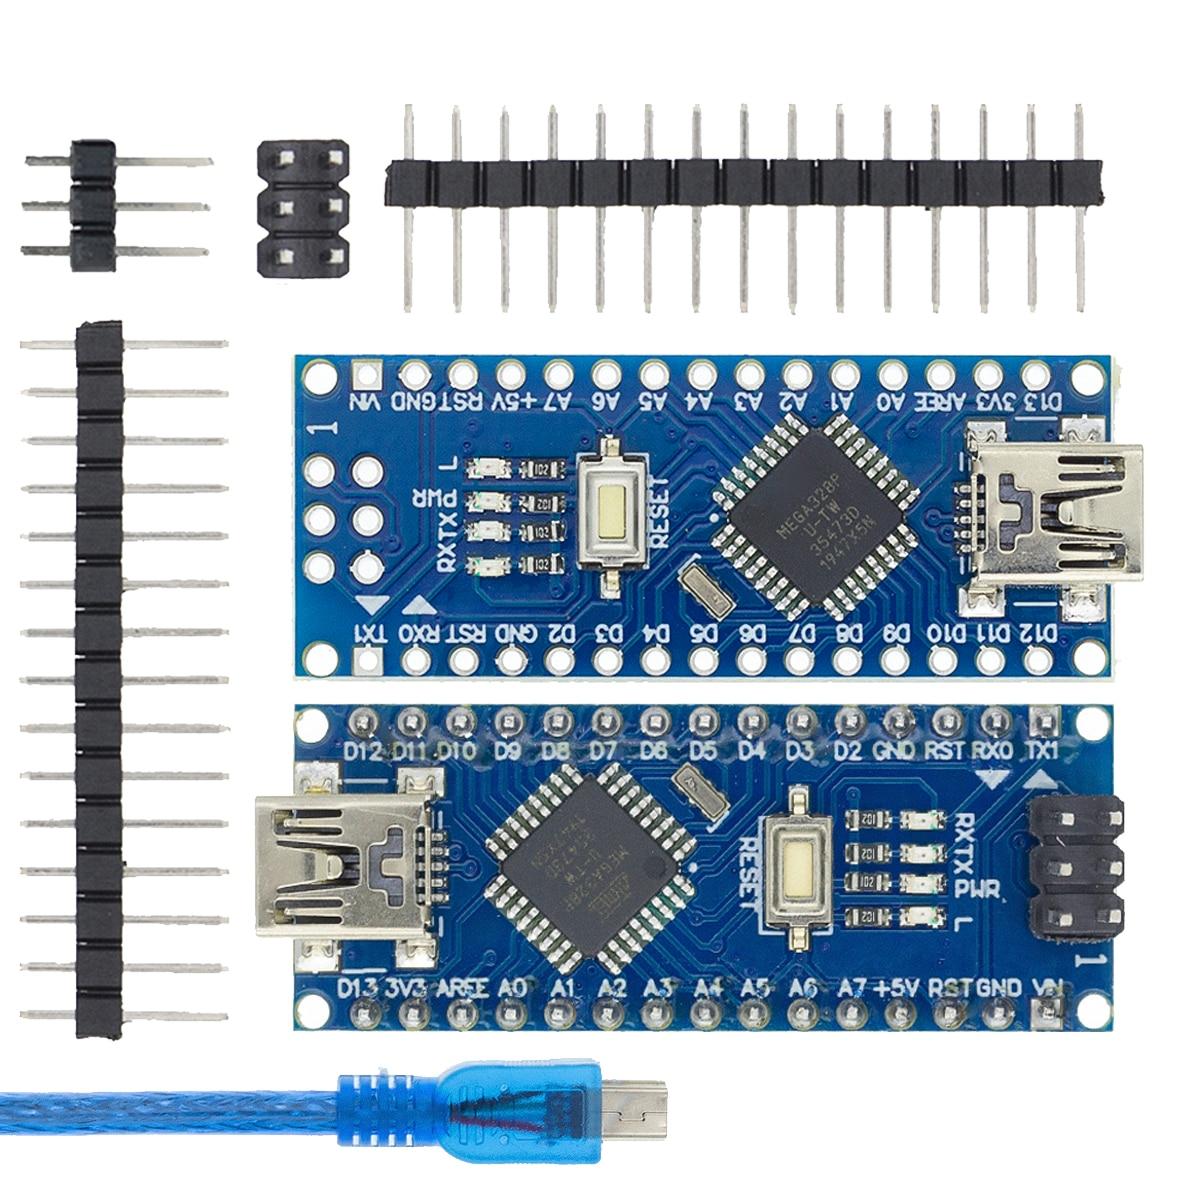 Совместимый контроллер Nano v3.0 для Arduino, с загрузчиком, USB-драйвером CH340, 16 МГц, ATMEGA328P/168P